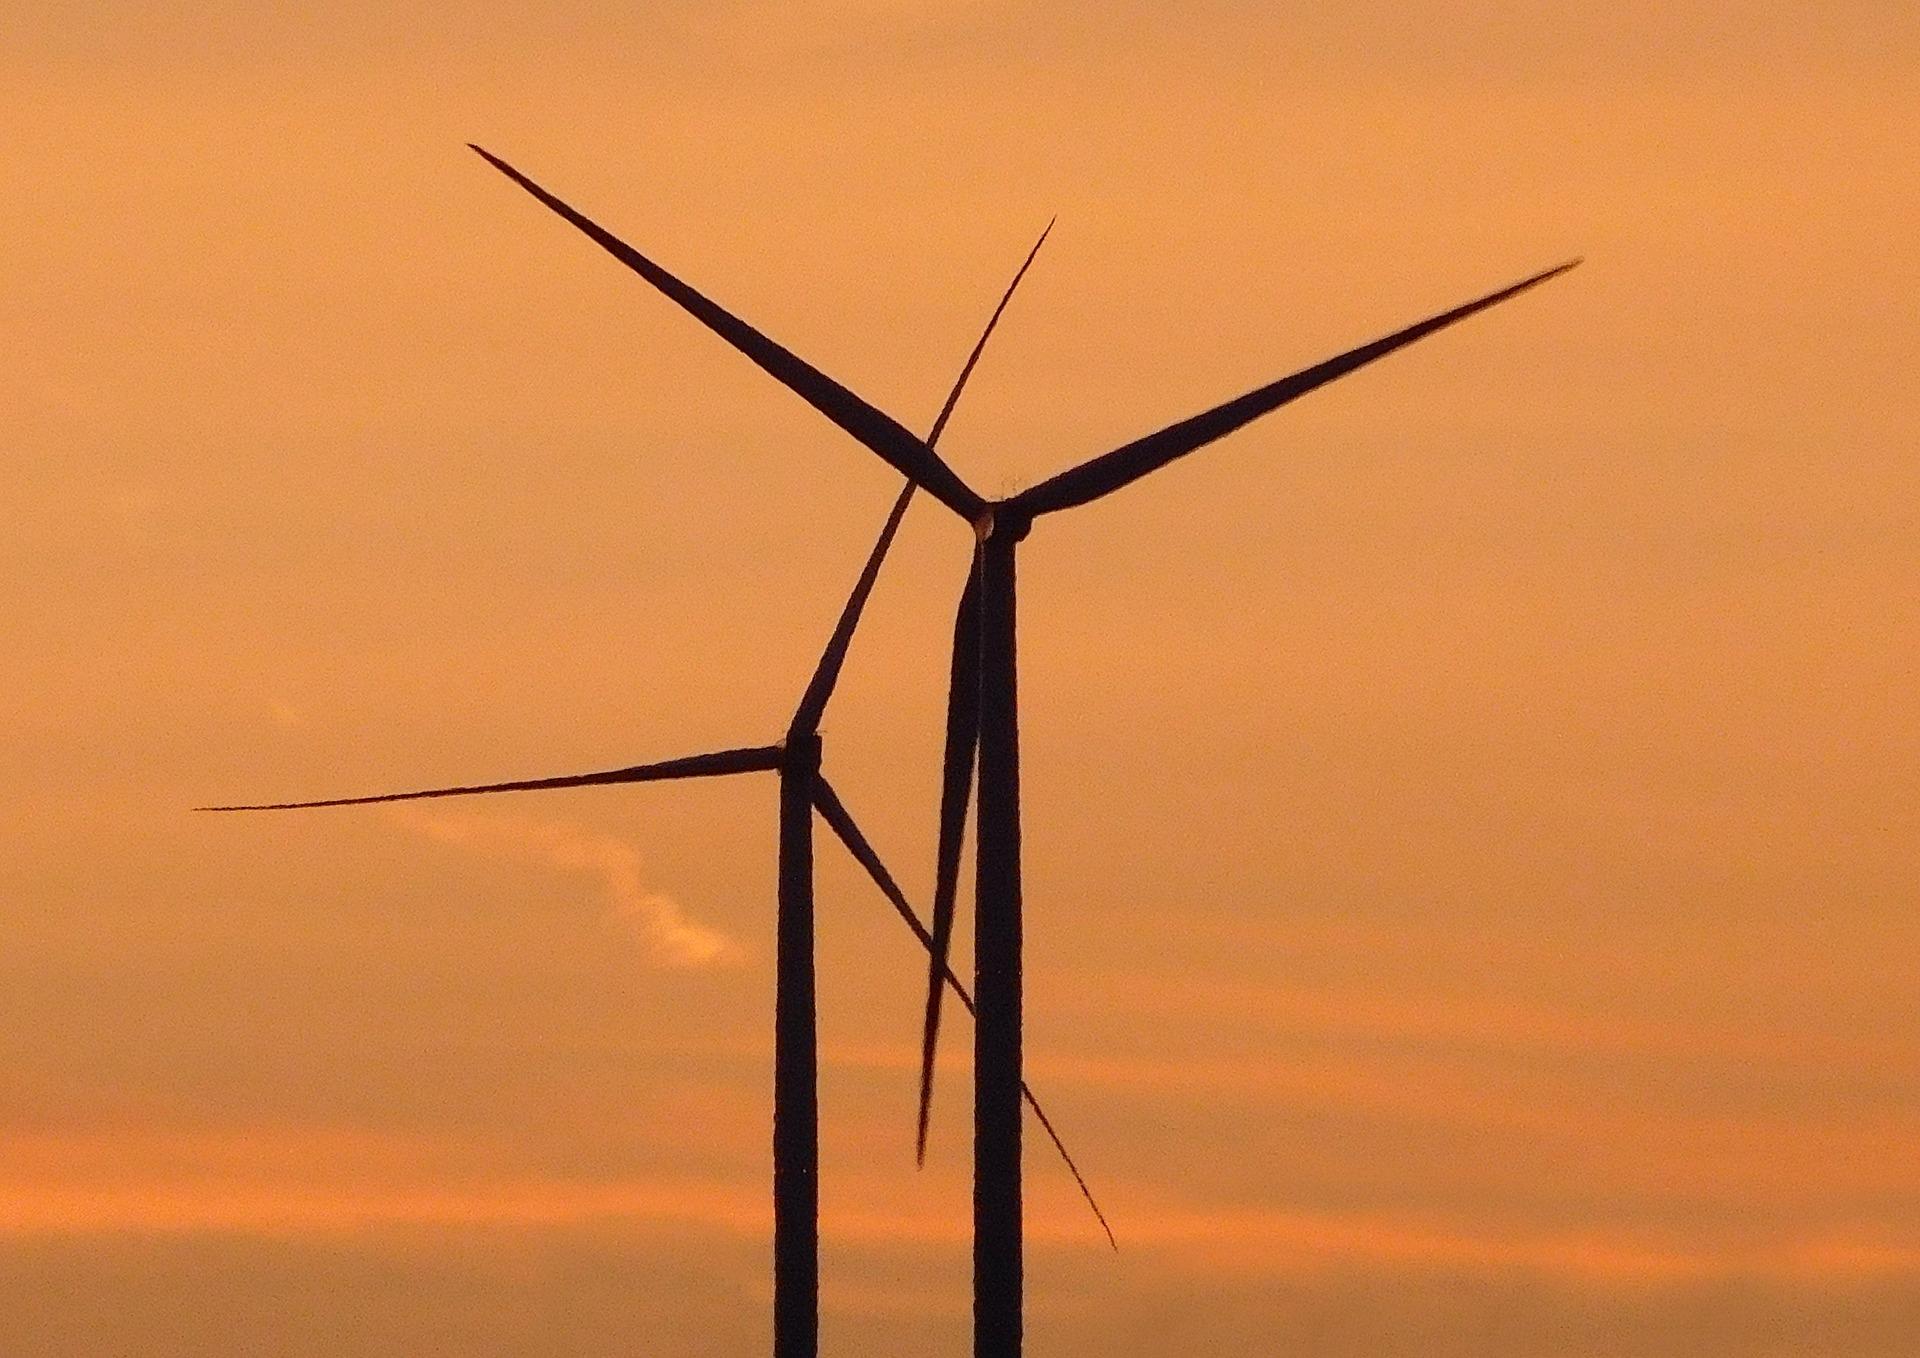 Германия установила рекорд потребления возобновляемой энергии